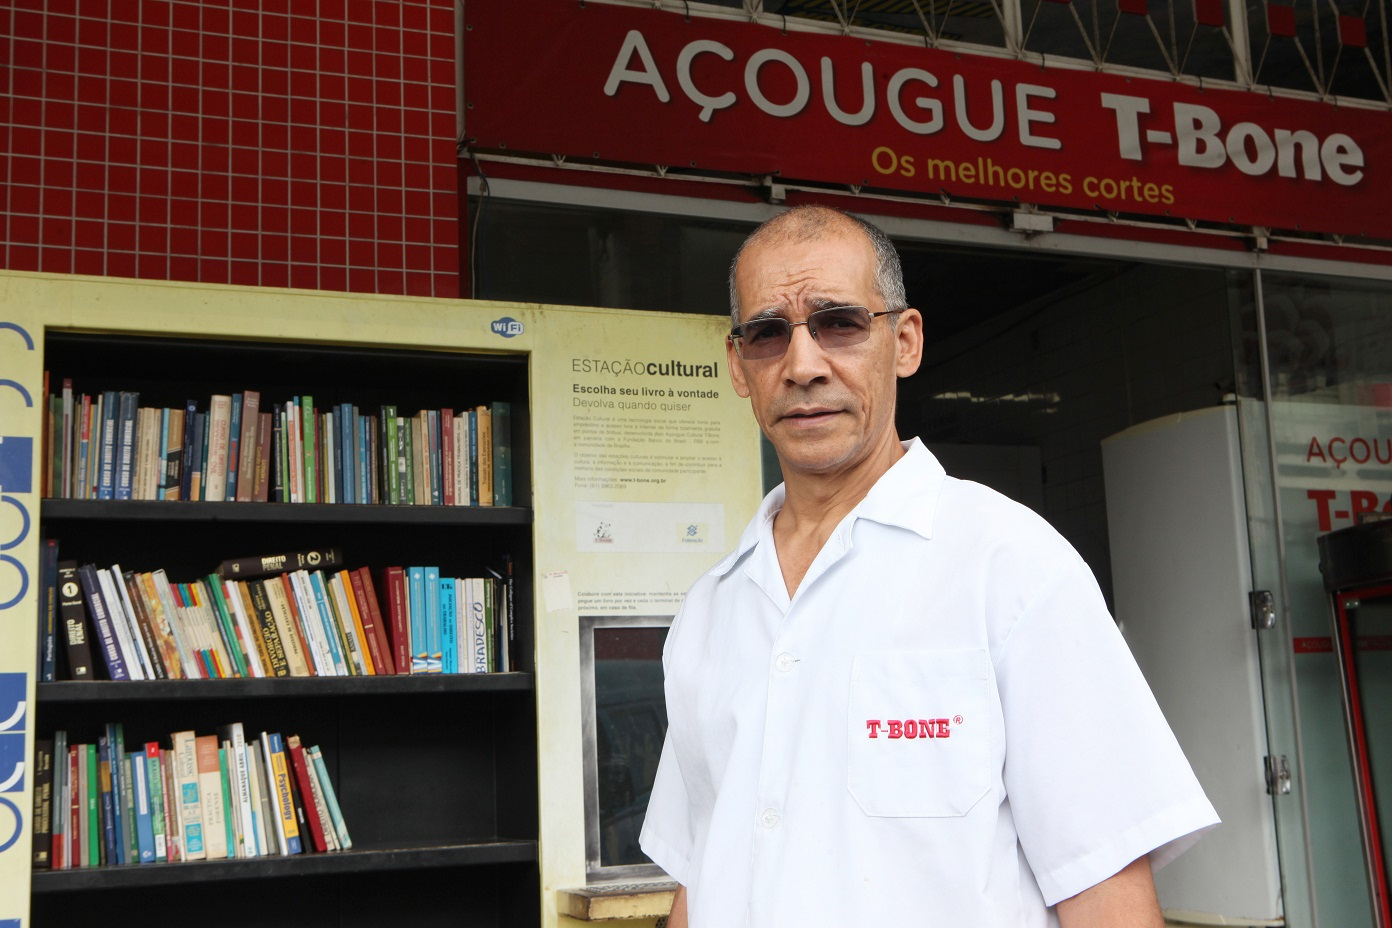 Amorim morou cerca de 15 anos nos fundos do açougue e chegou a ler 15 livros por mês depois de alfabetizado, aos 16 anos. Foto Divulgação